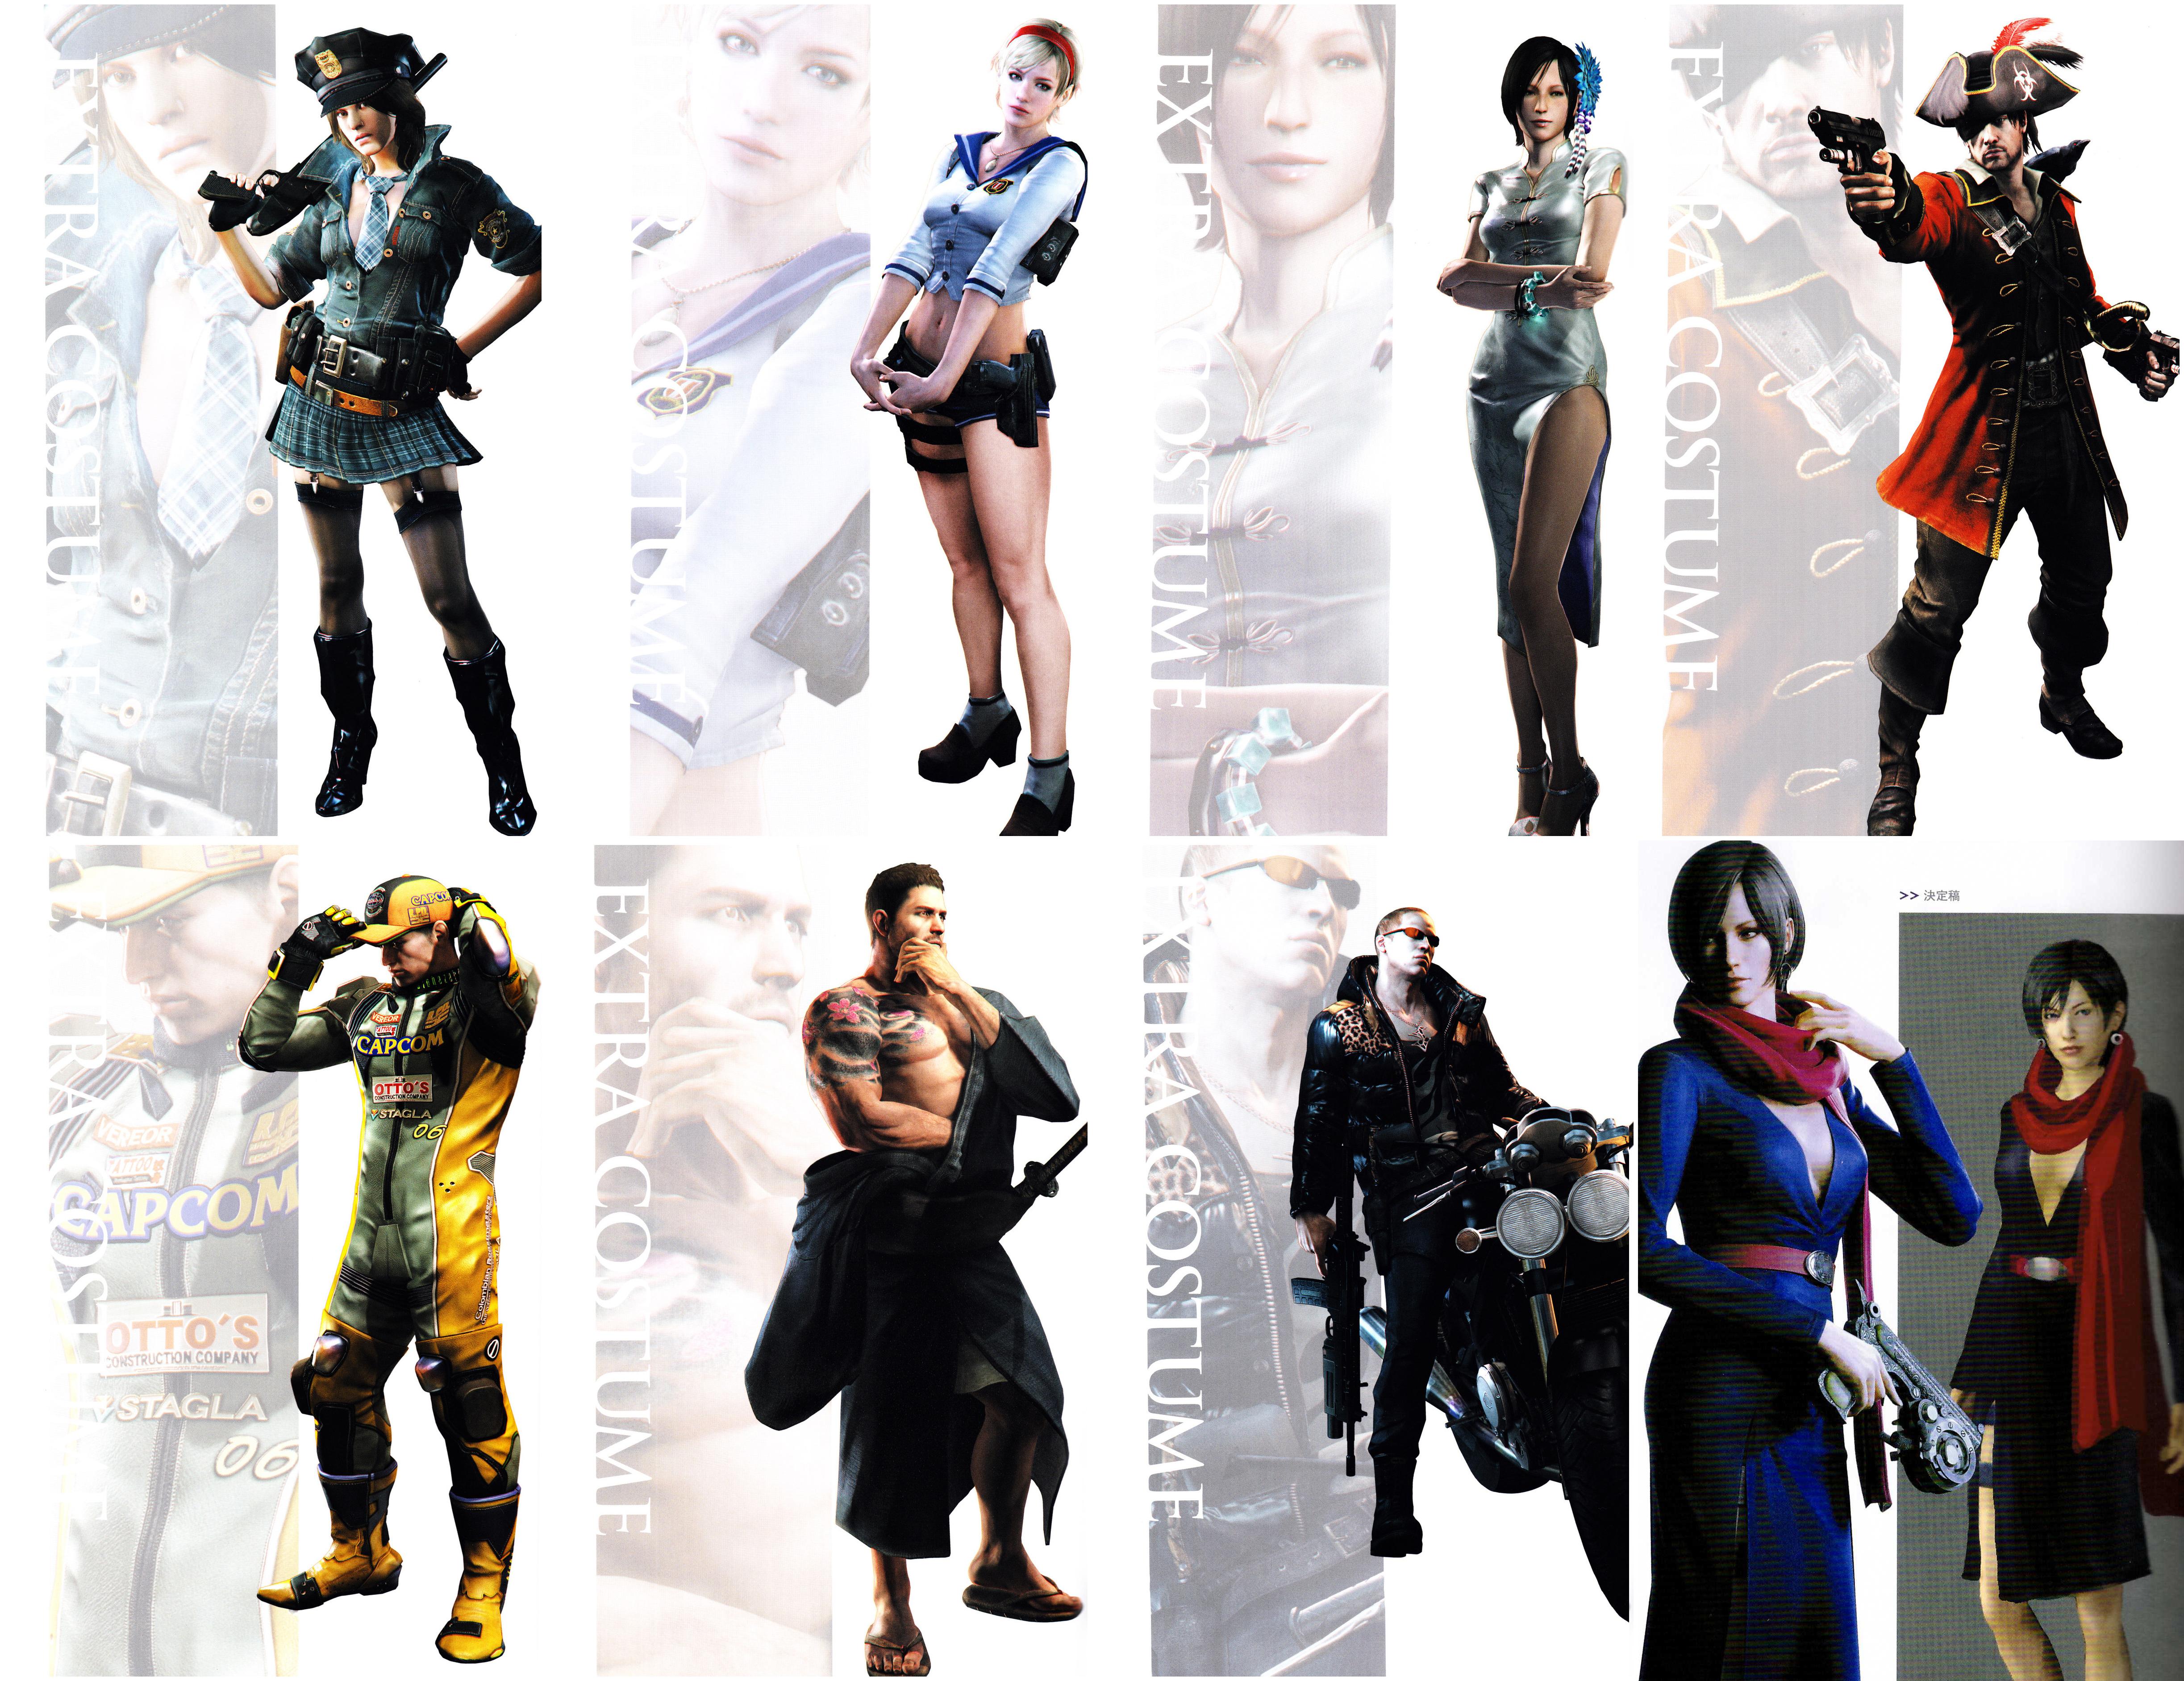 Resident Evil 6 Extra Costume By Stalkersdxx On Deviantart